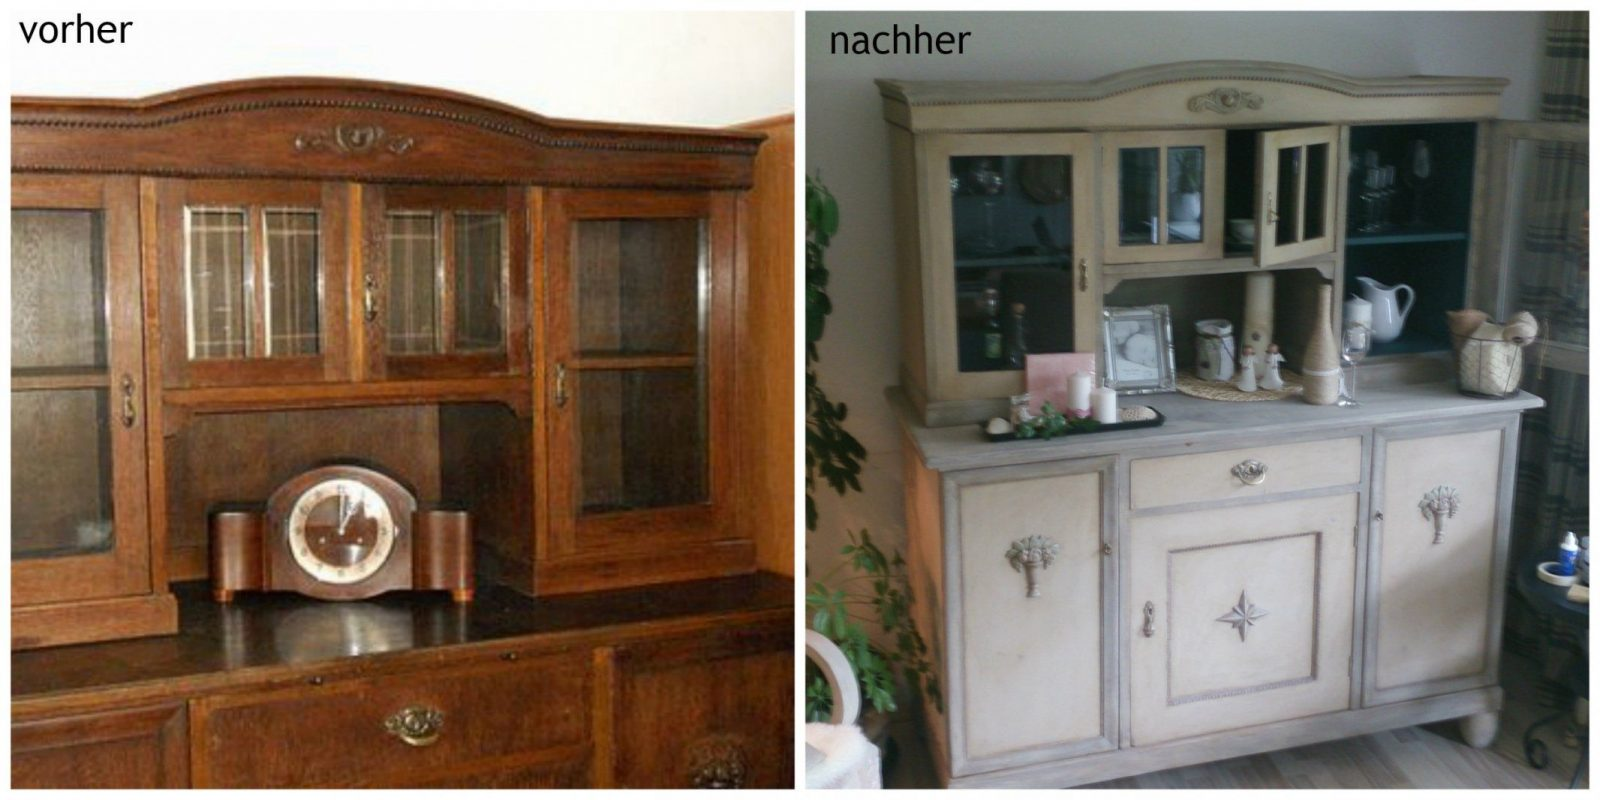 Faszinierend Möbel Aufpeppen Vorher Nachher Bilder Diy Mã Bel Vorher von Möbel Aufpeppen Vorher Nachher Bild